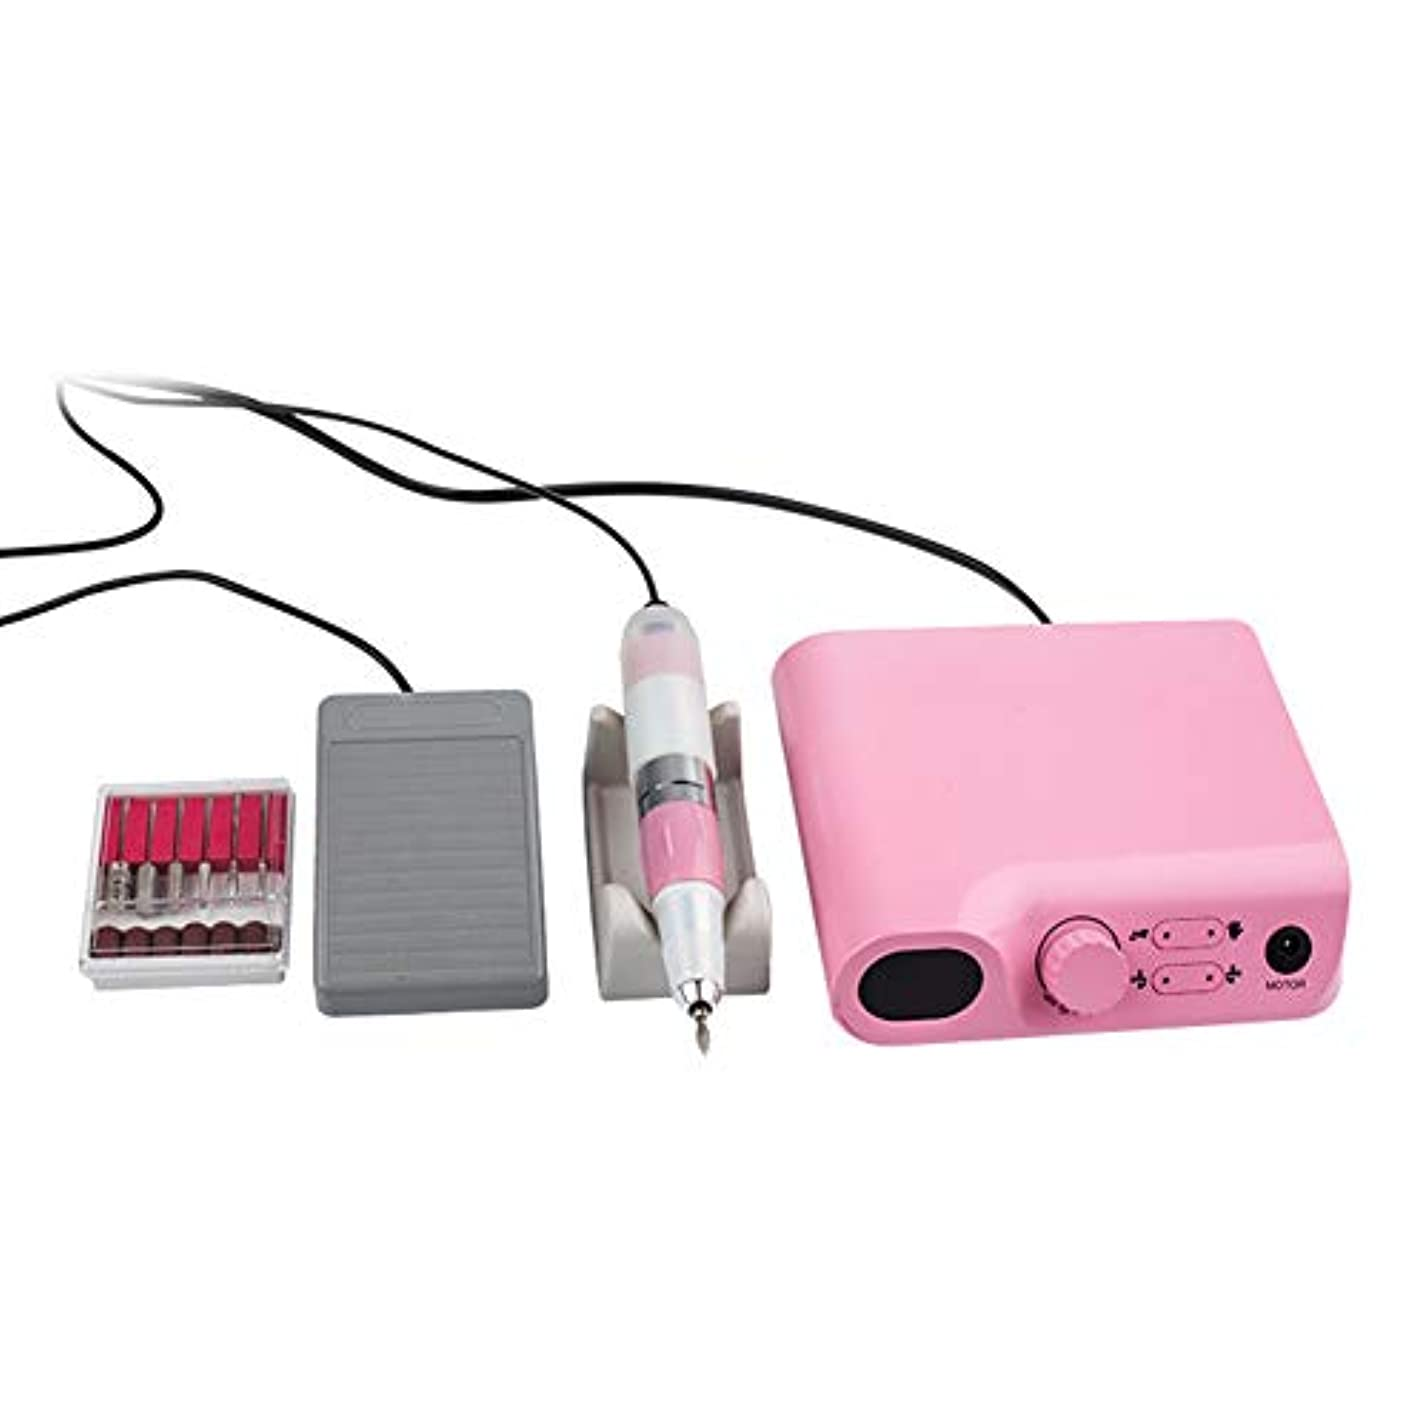 電動ネイルドリルマシン、LCDディスプレイ付きマニキュアペディキュアファイルツールキット30000 RPM研削研磨ネイルセット,ピンク